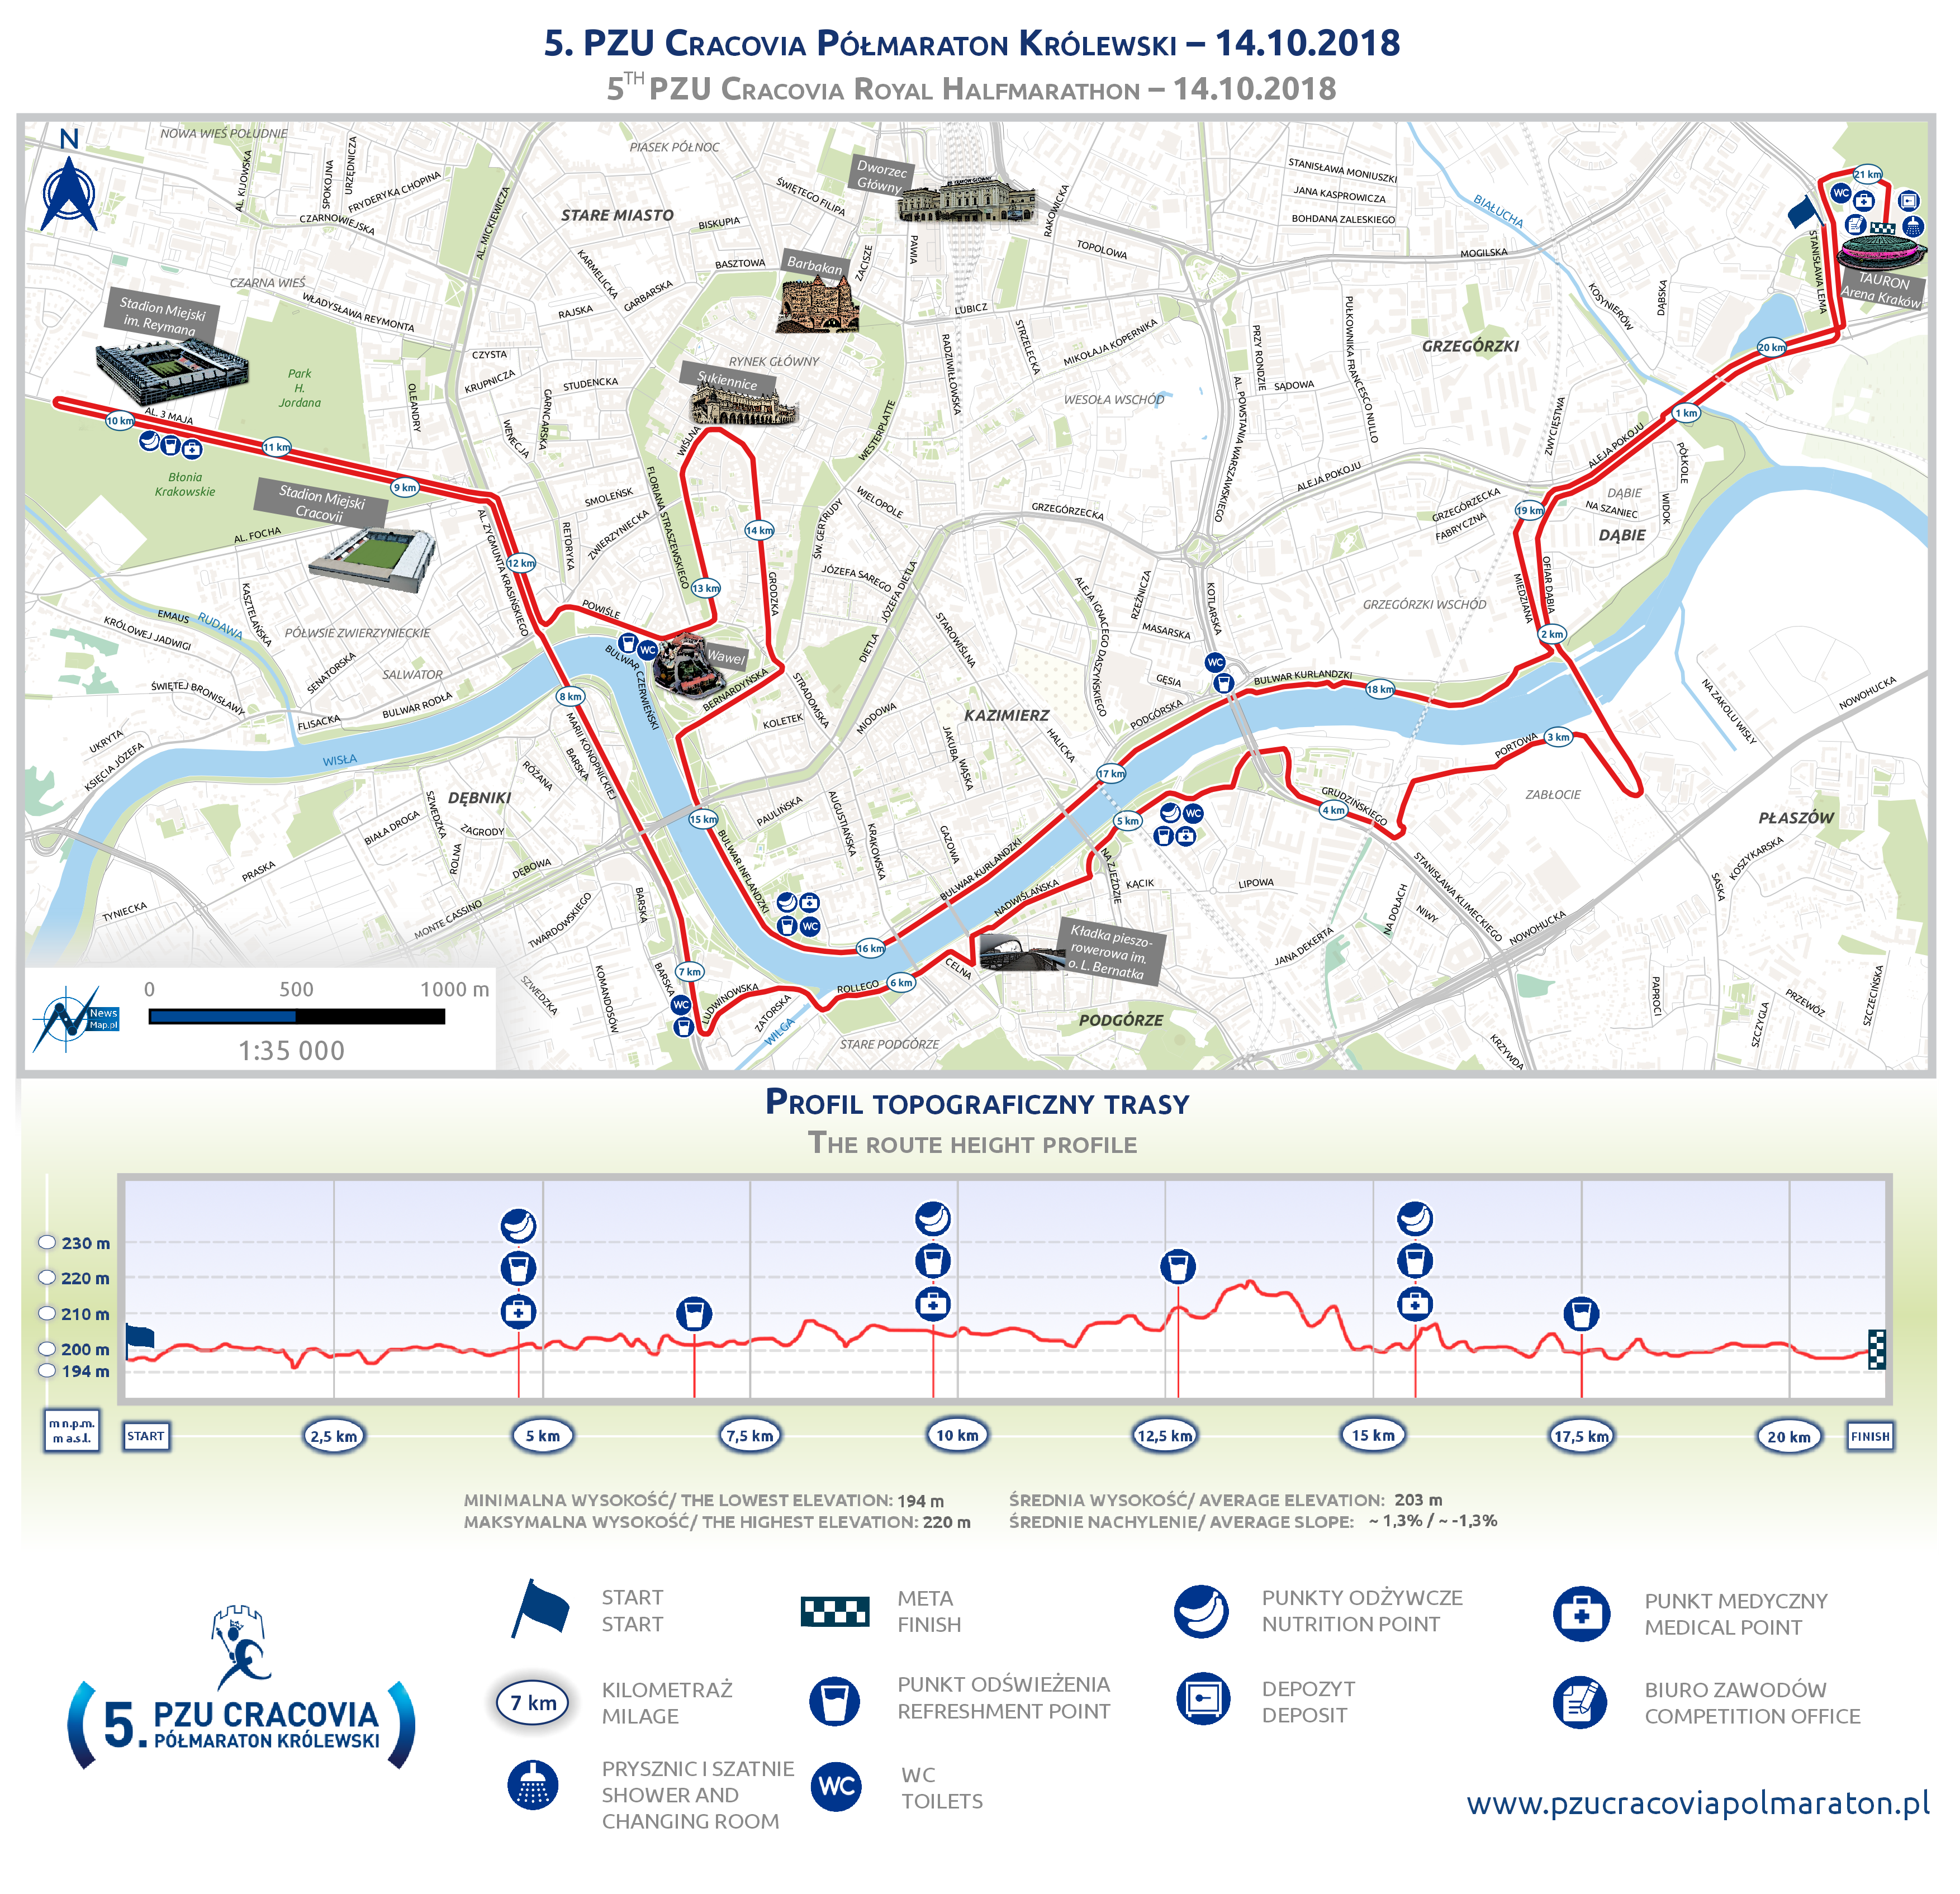 Mapa statyczna 5 PZU Cracovia Półmaraton